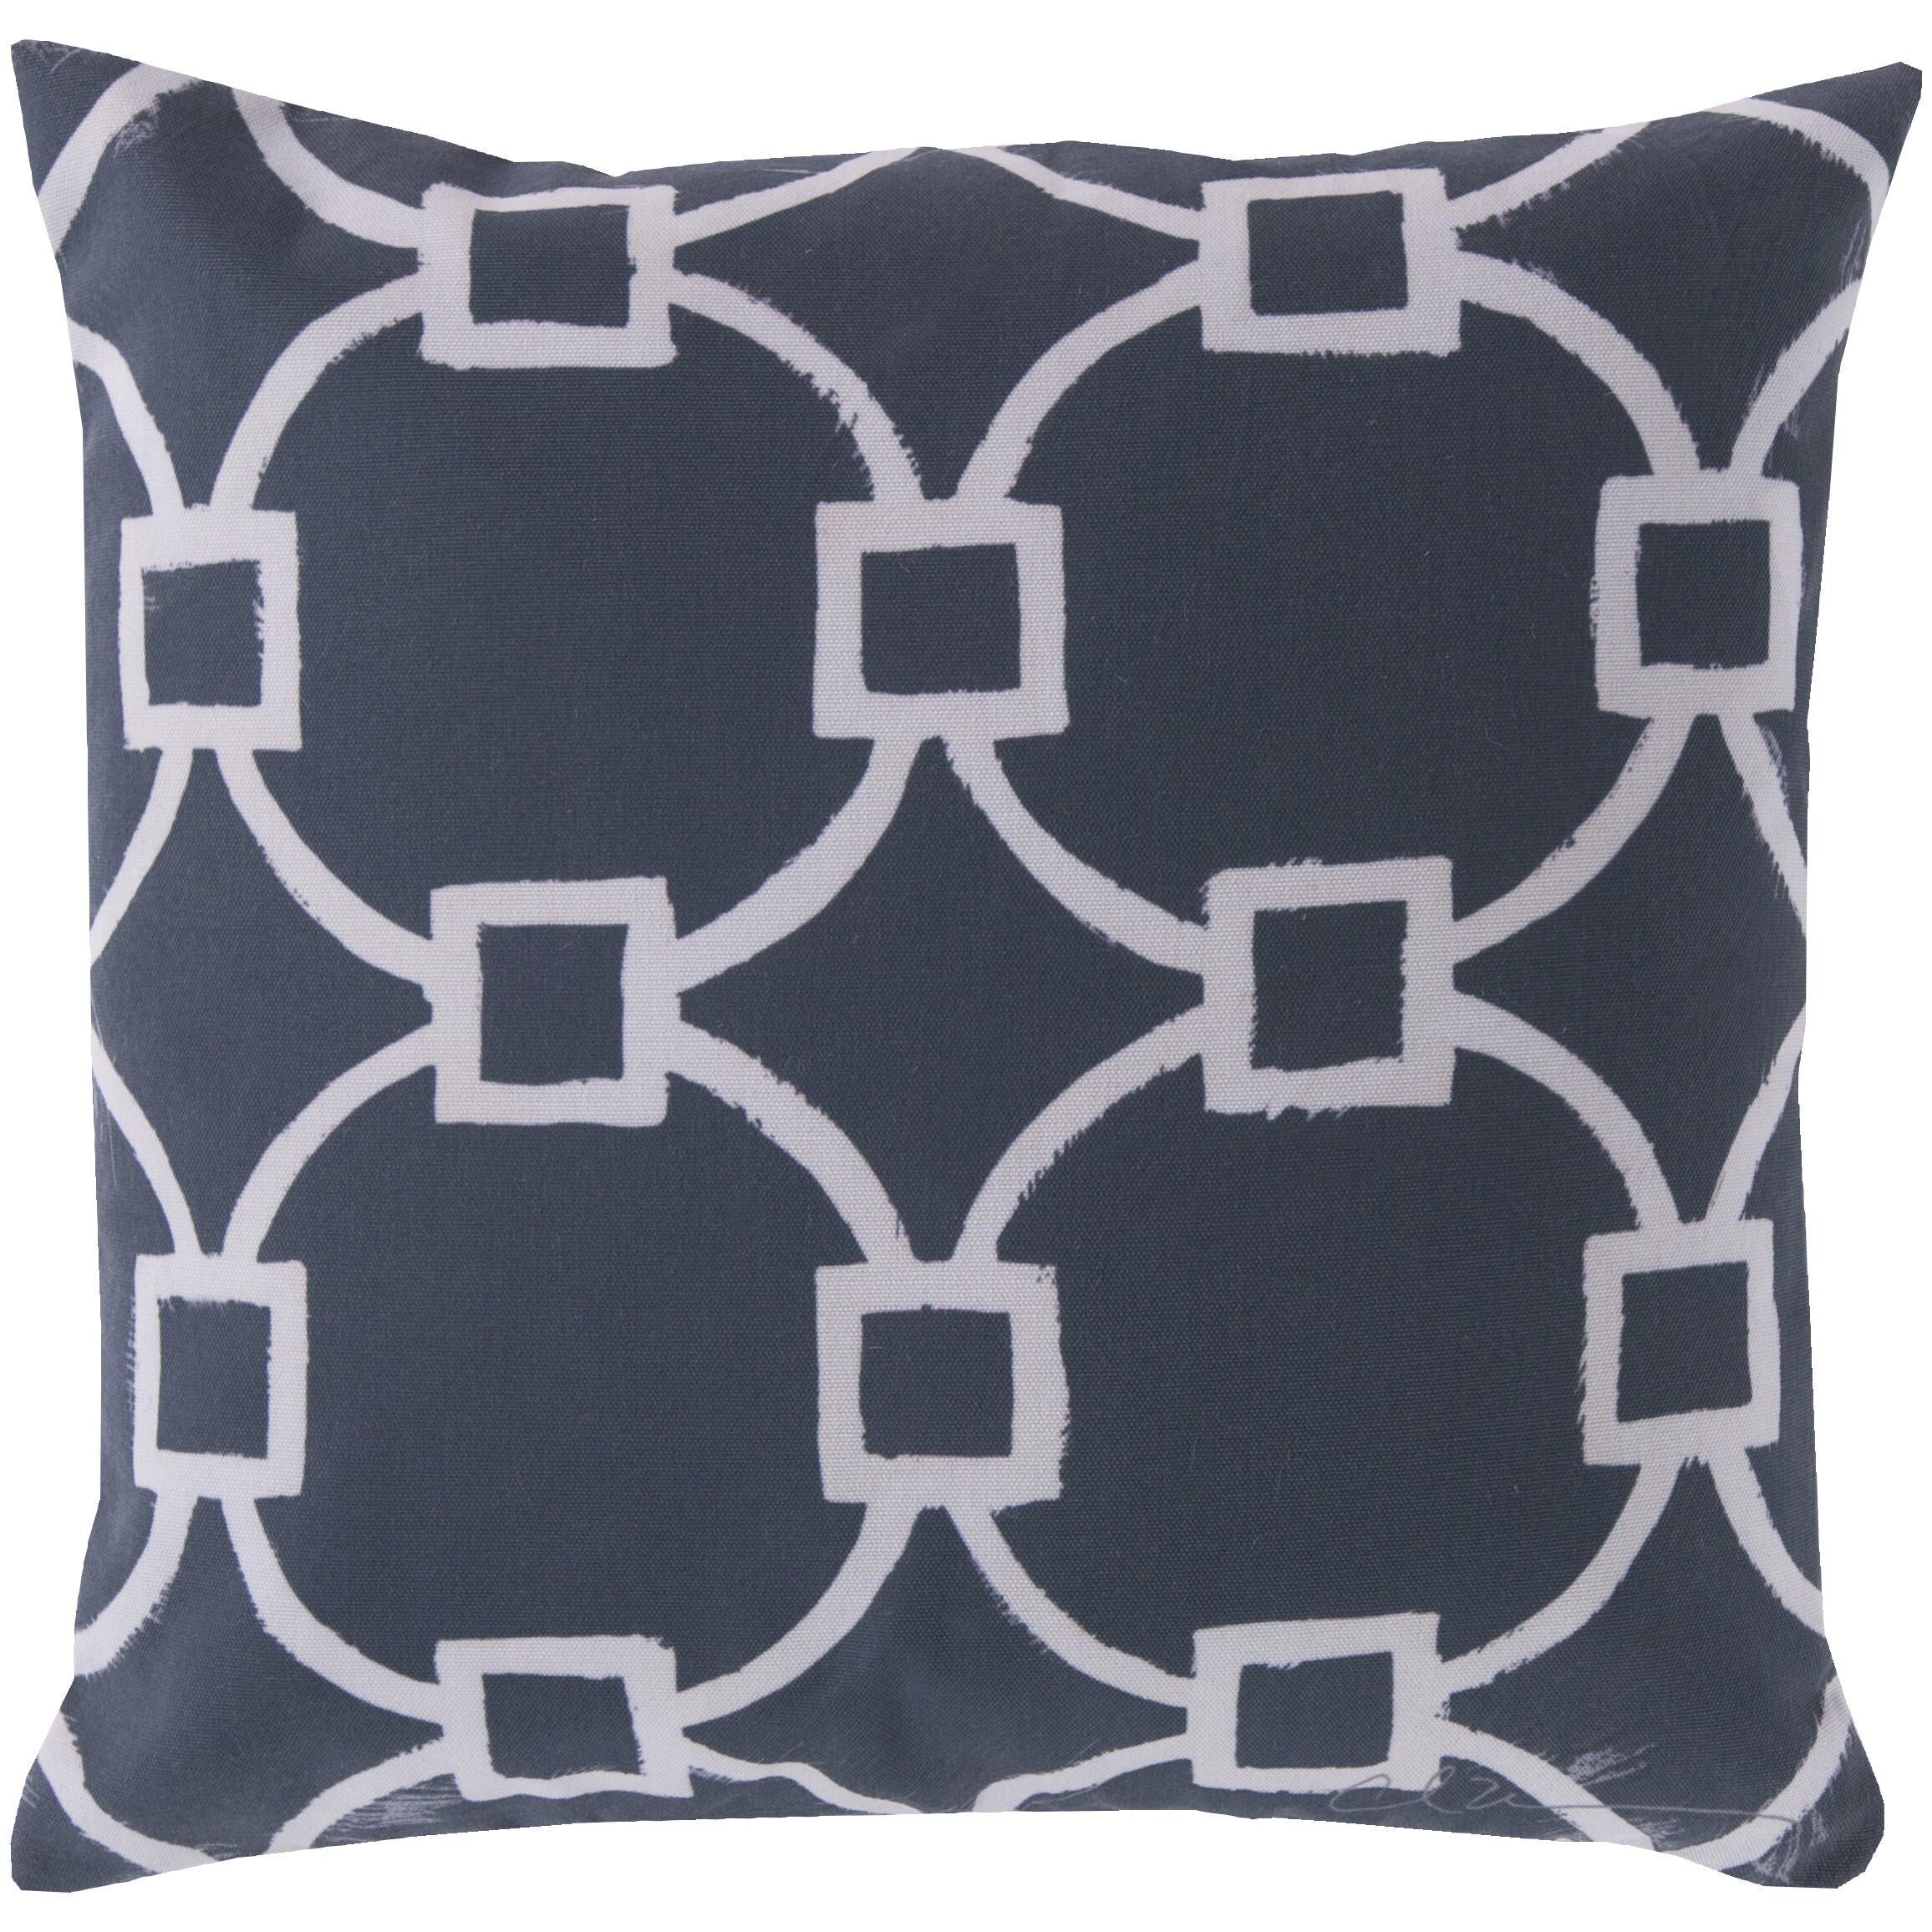 glamorously geometric throw pillow  reviews  allmodern - wildon home reg glamorously geometric throw pillow